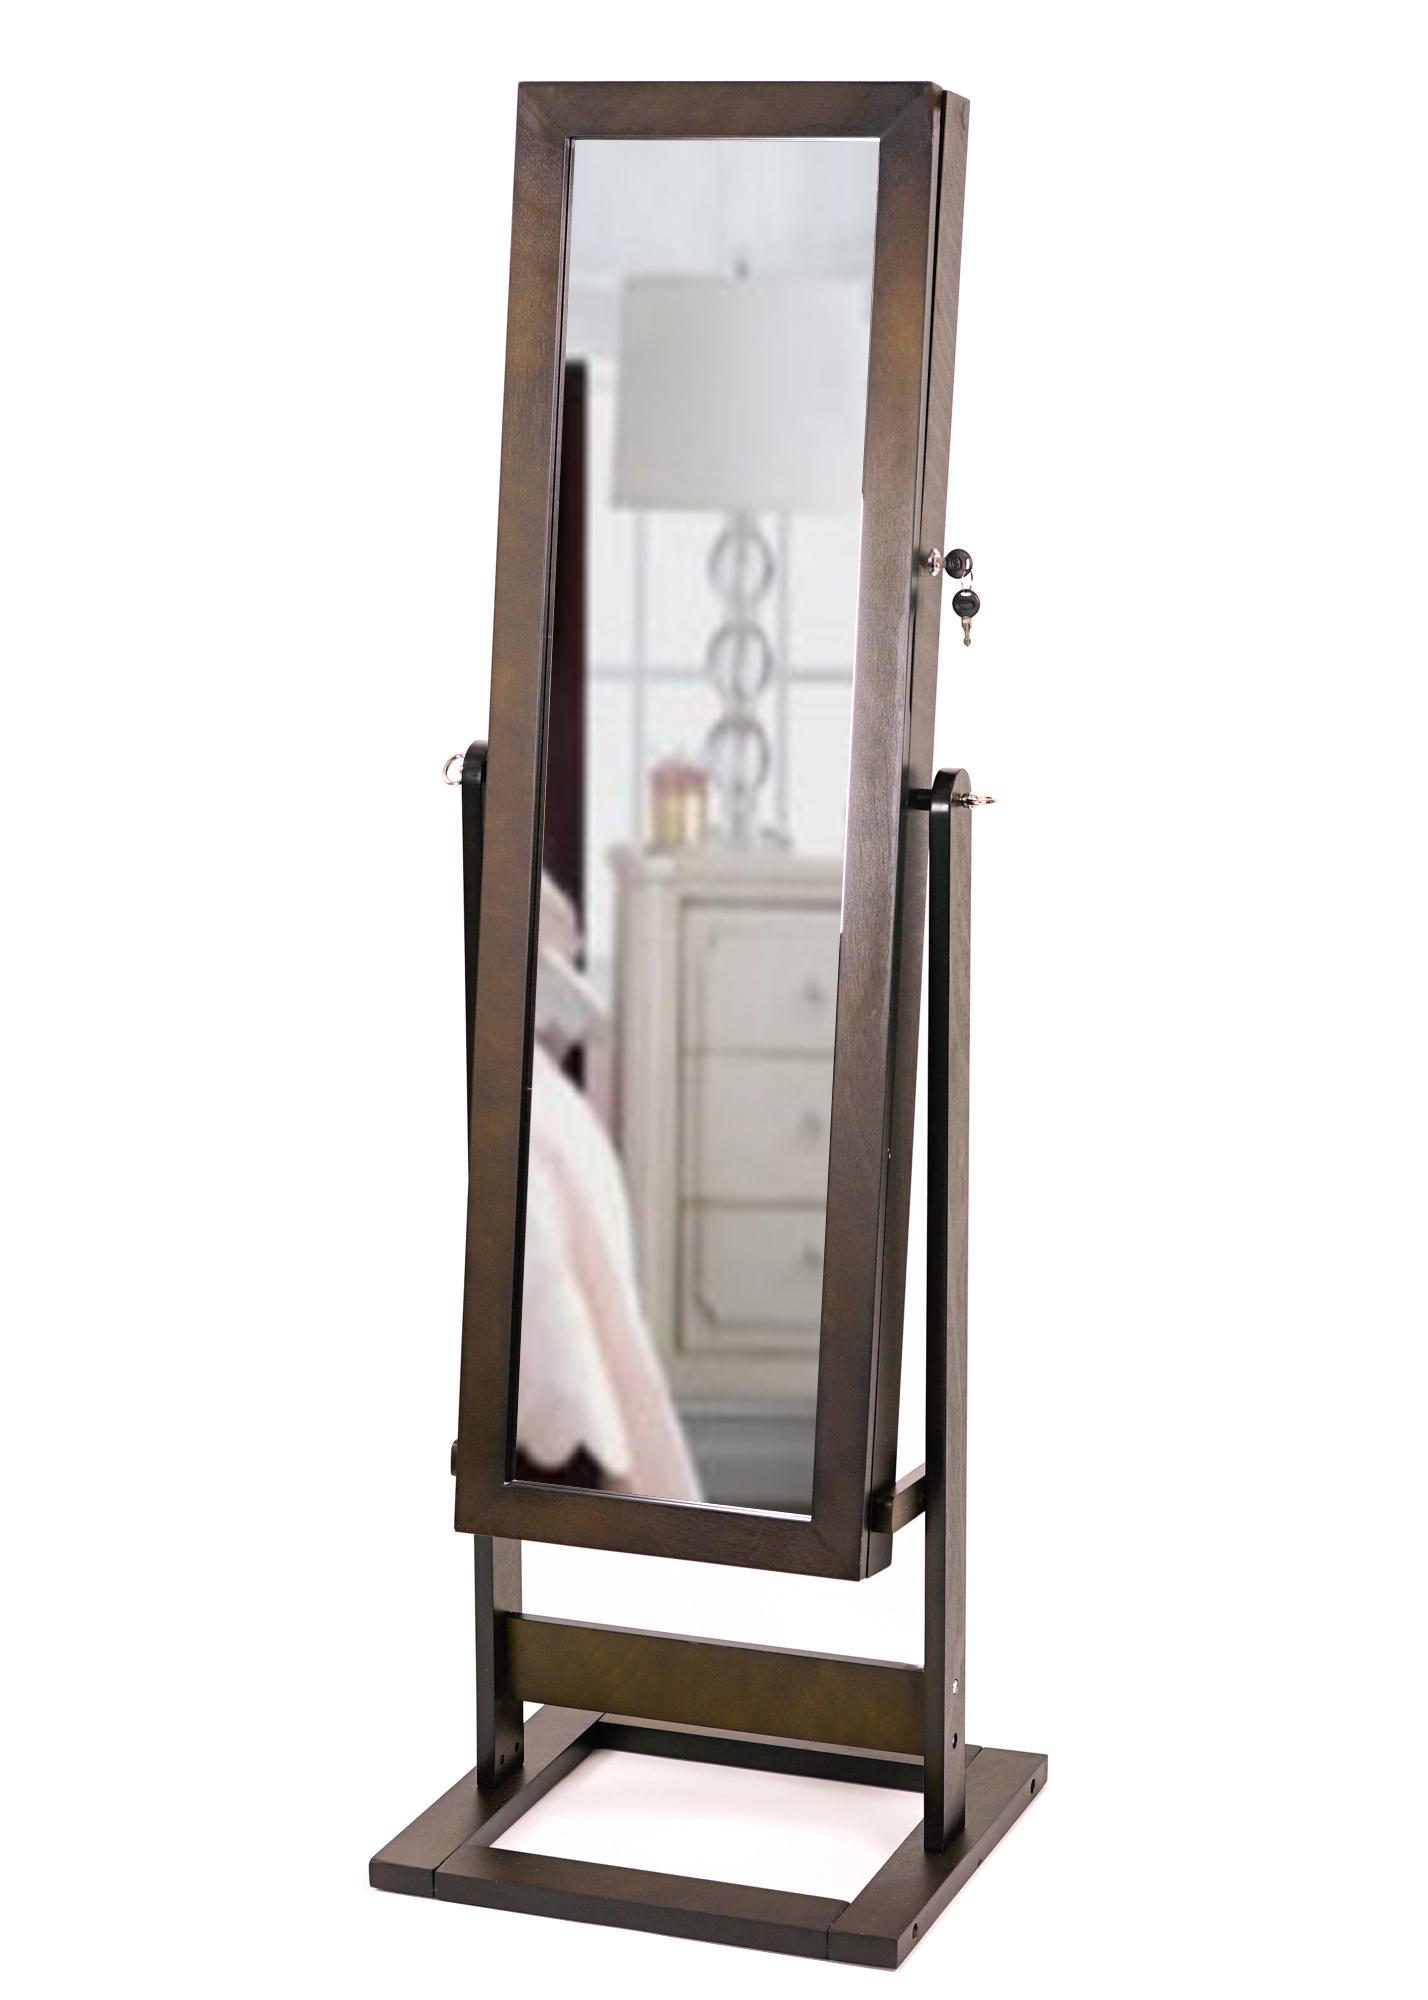 Cheval Trinity Jewelry Storage Mirror Espresso Hives